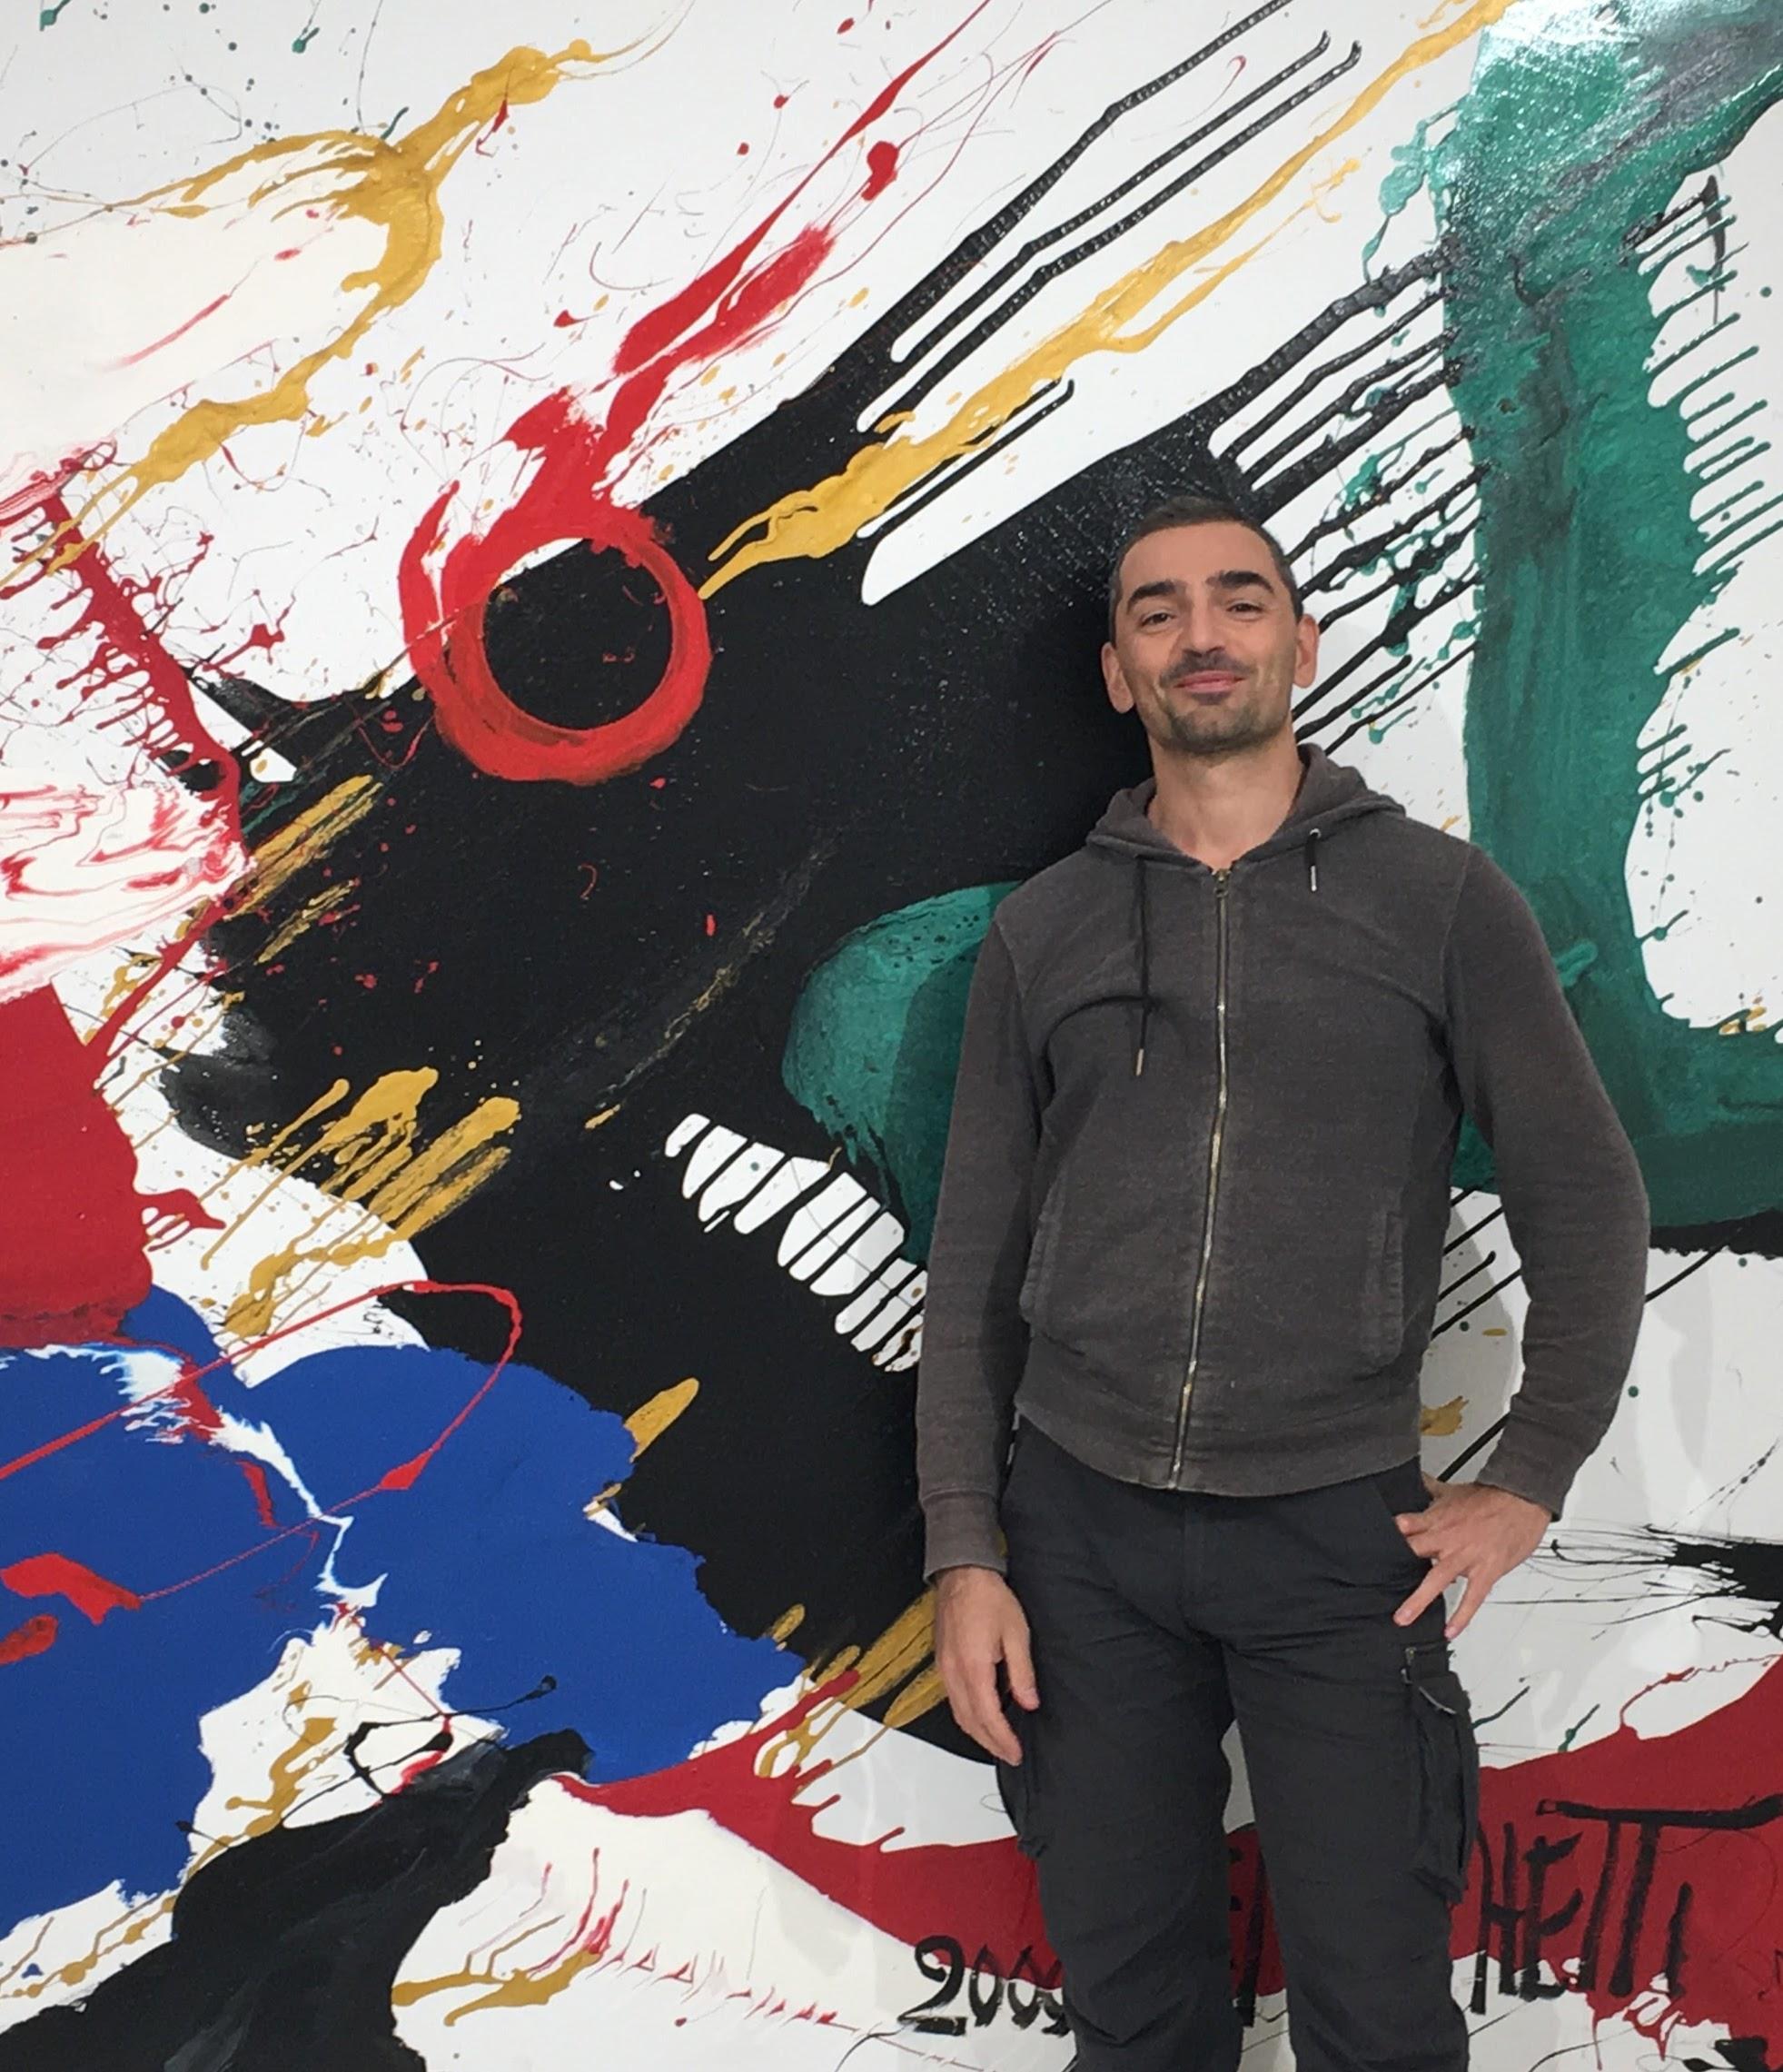 Enrico Buonanno